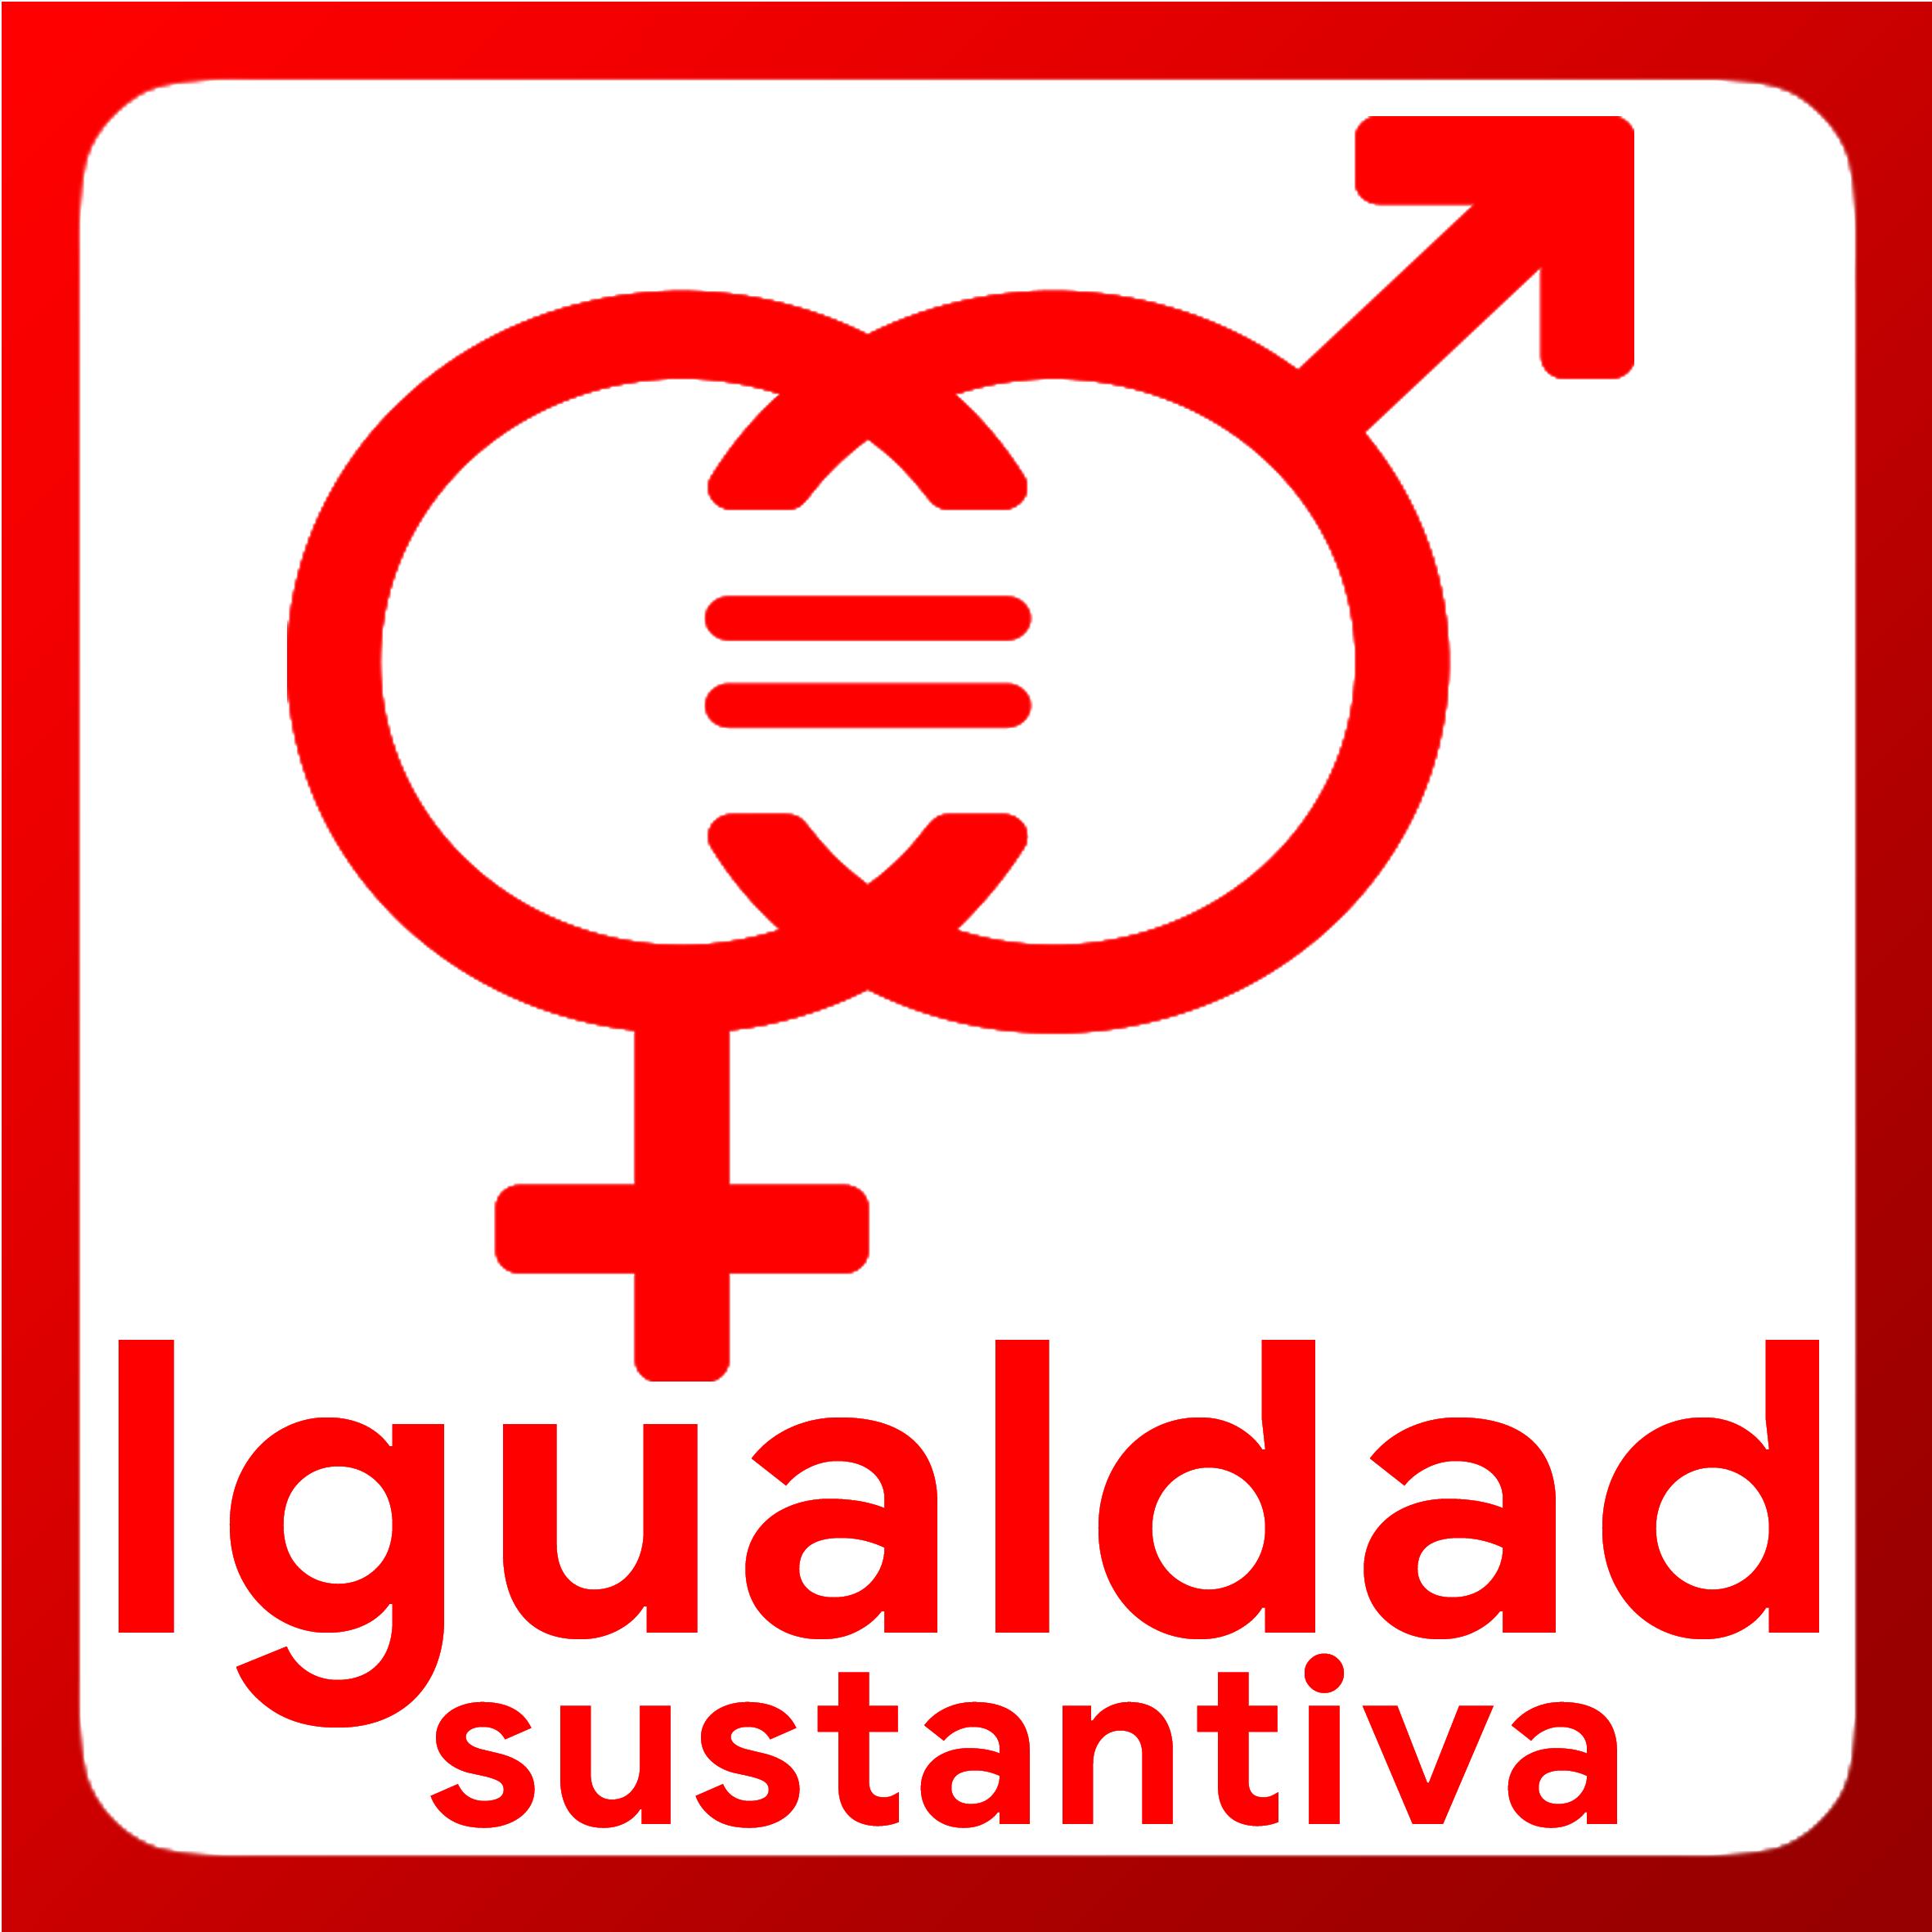 Boton activable de Igualdad Sustantiva